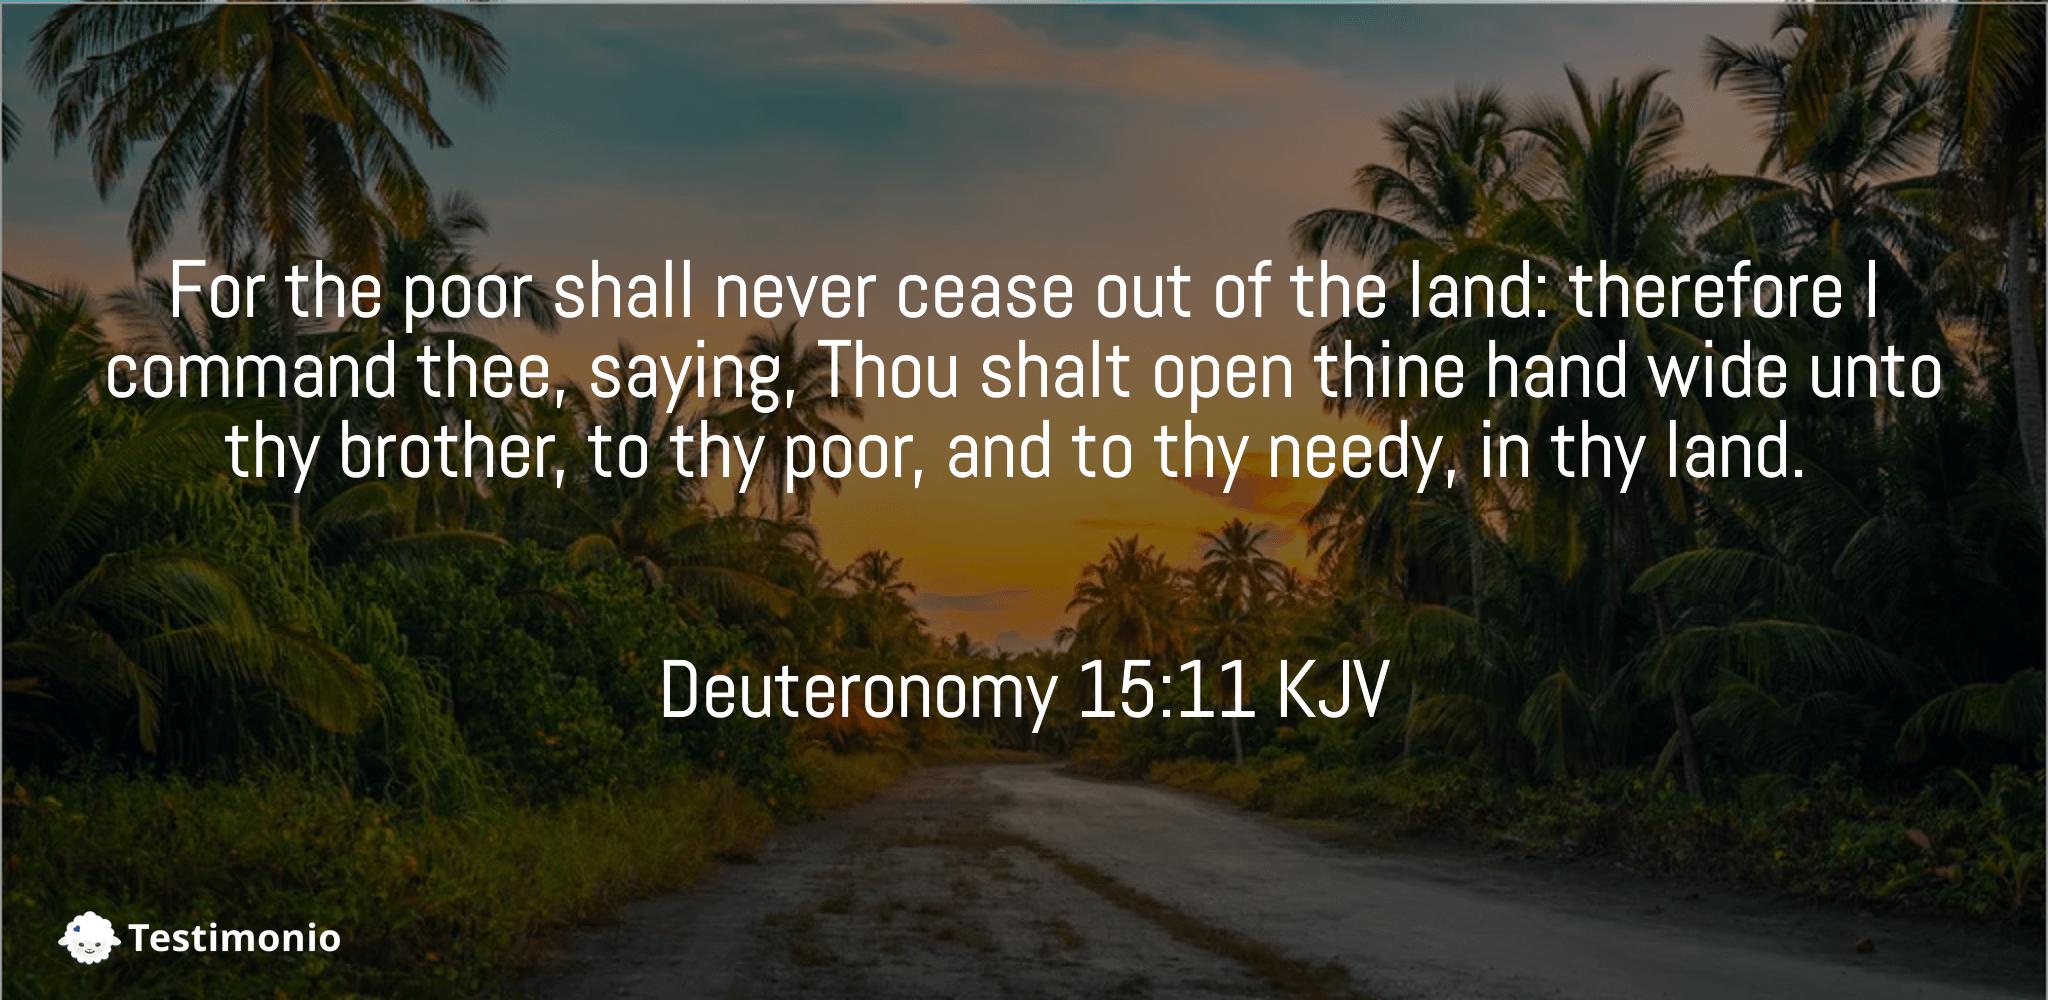 Deuteronomy 15:11